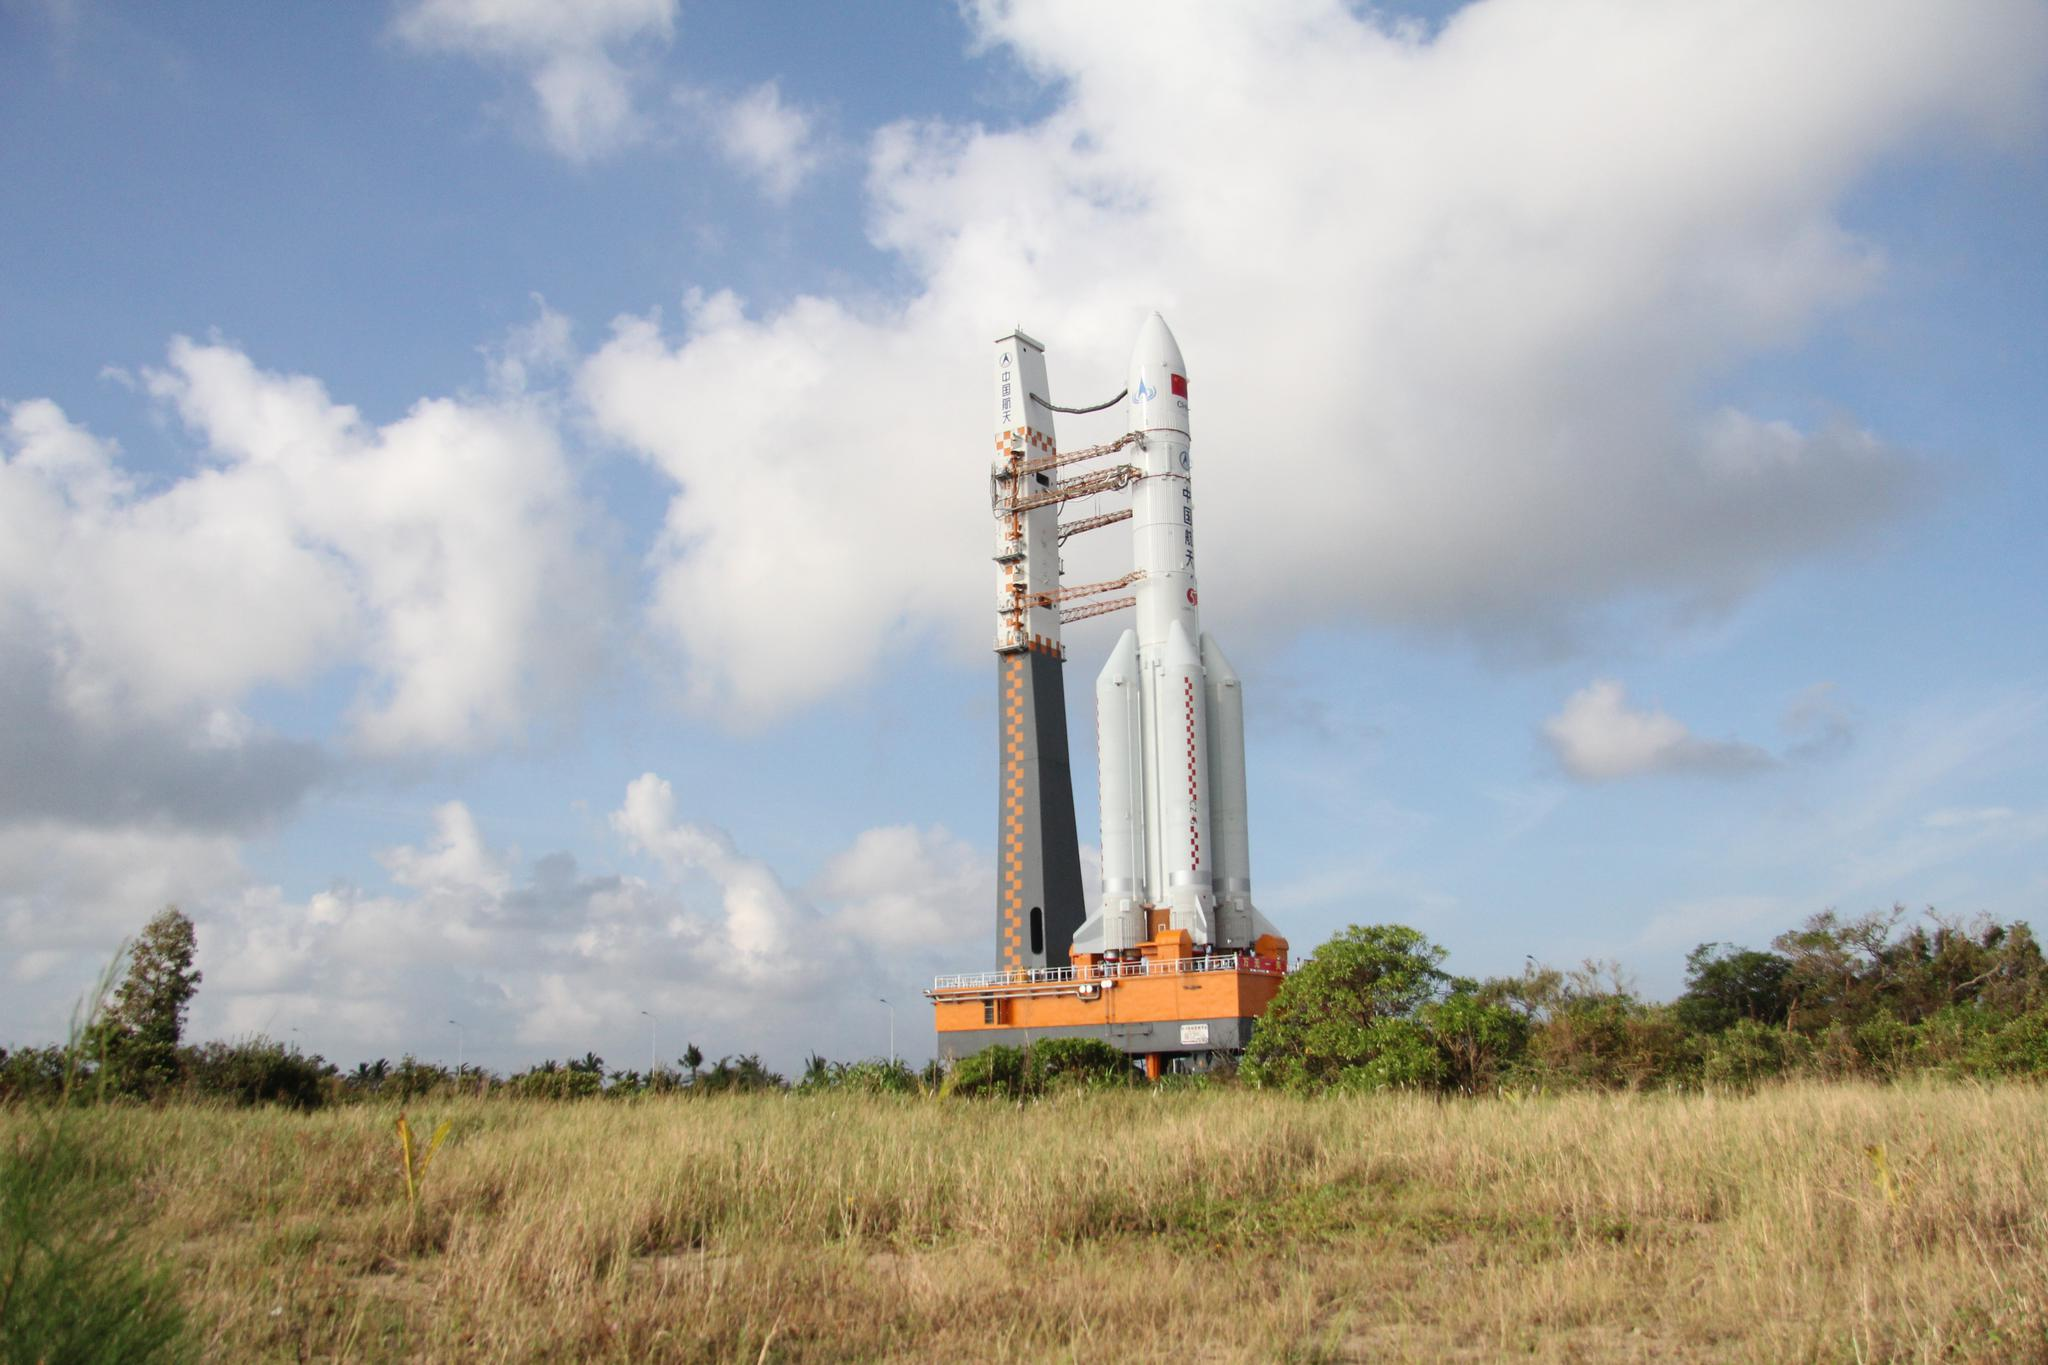 2016年10月,长征五号火箭在海南文昌发射场准备首飞。新京报记者 倪伟 摄